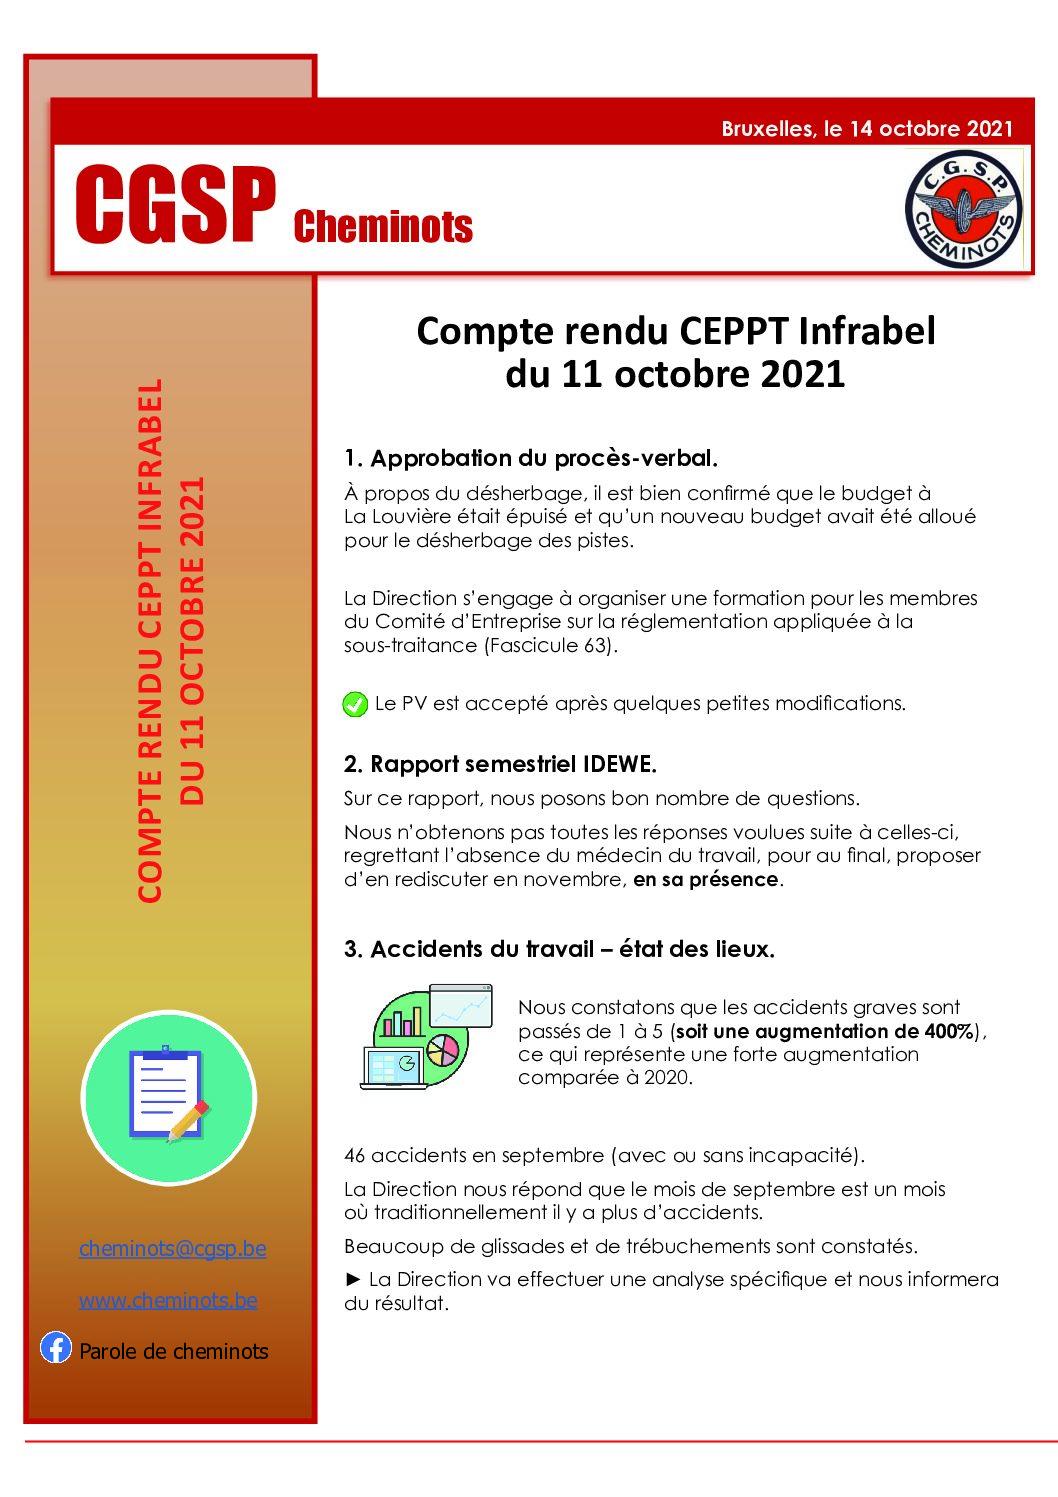 Compte rendu CEPPT Infrabel 11 octobre 2021